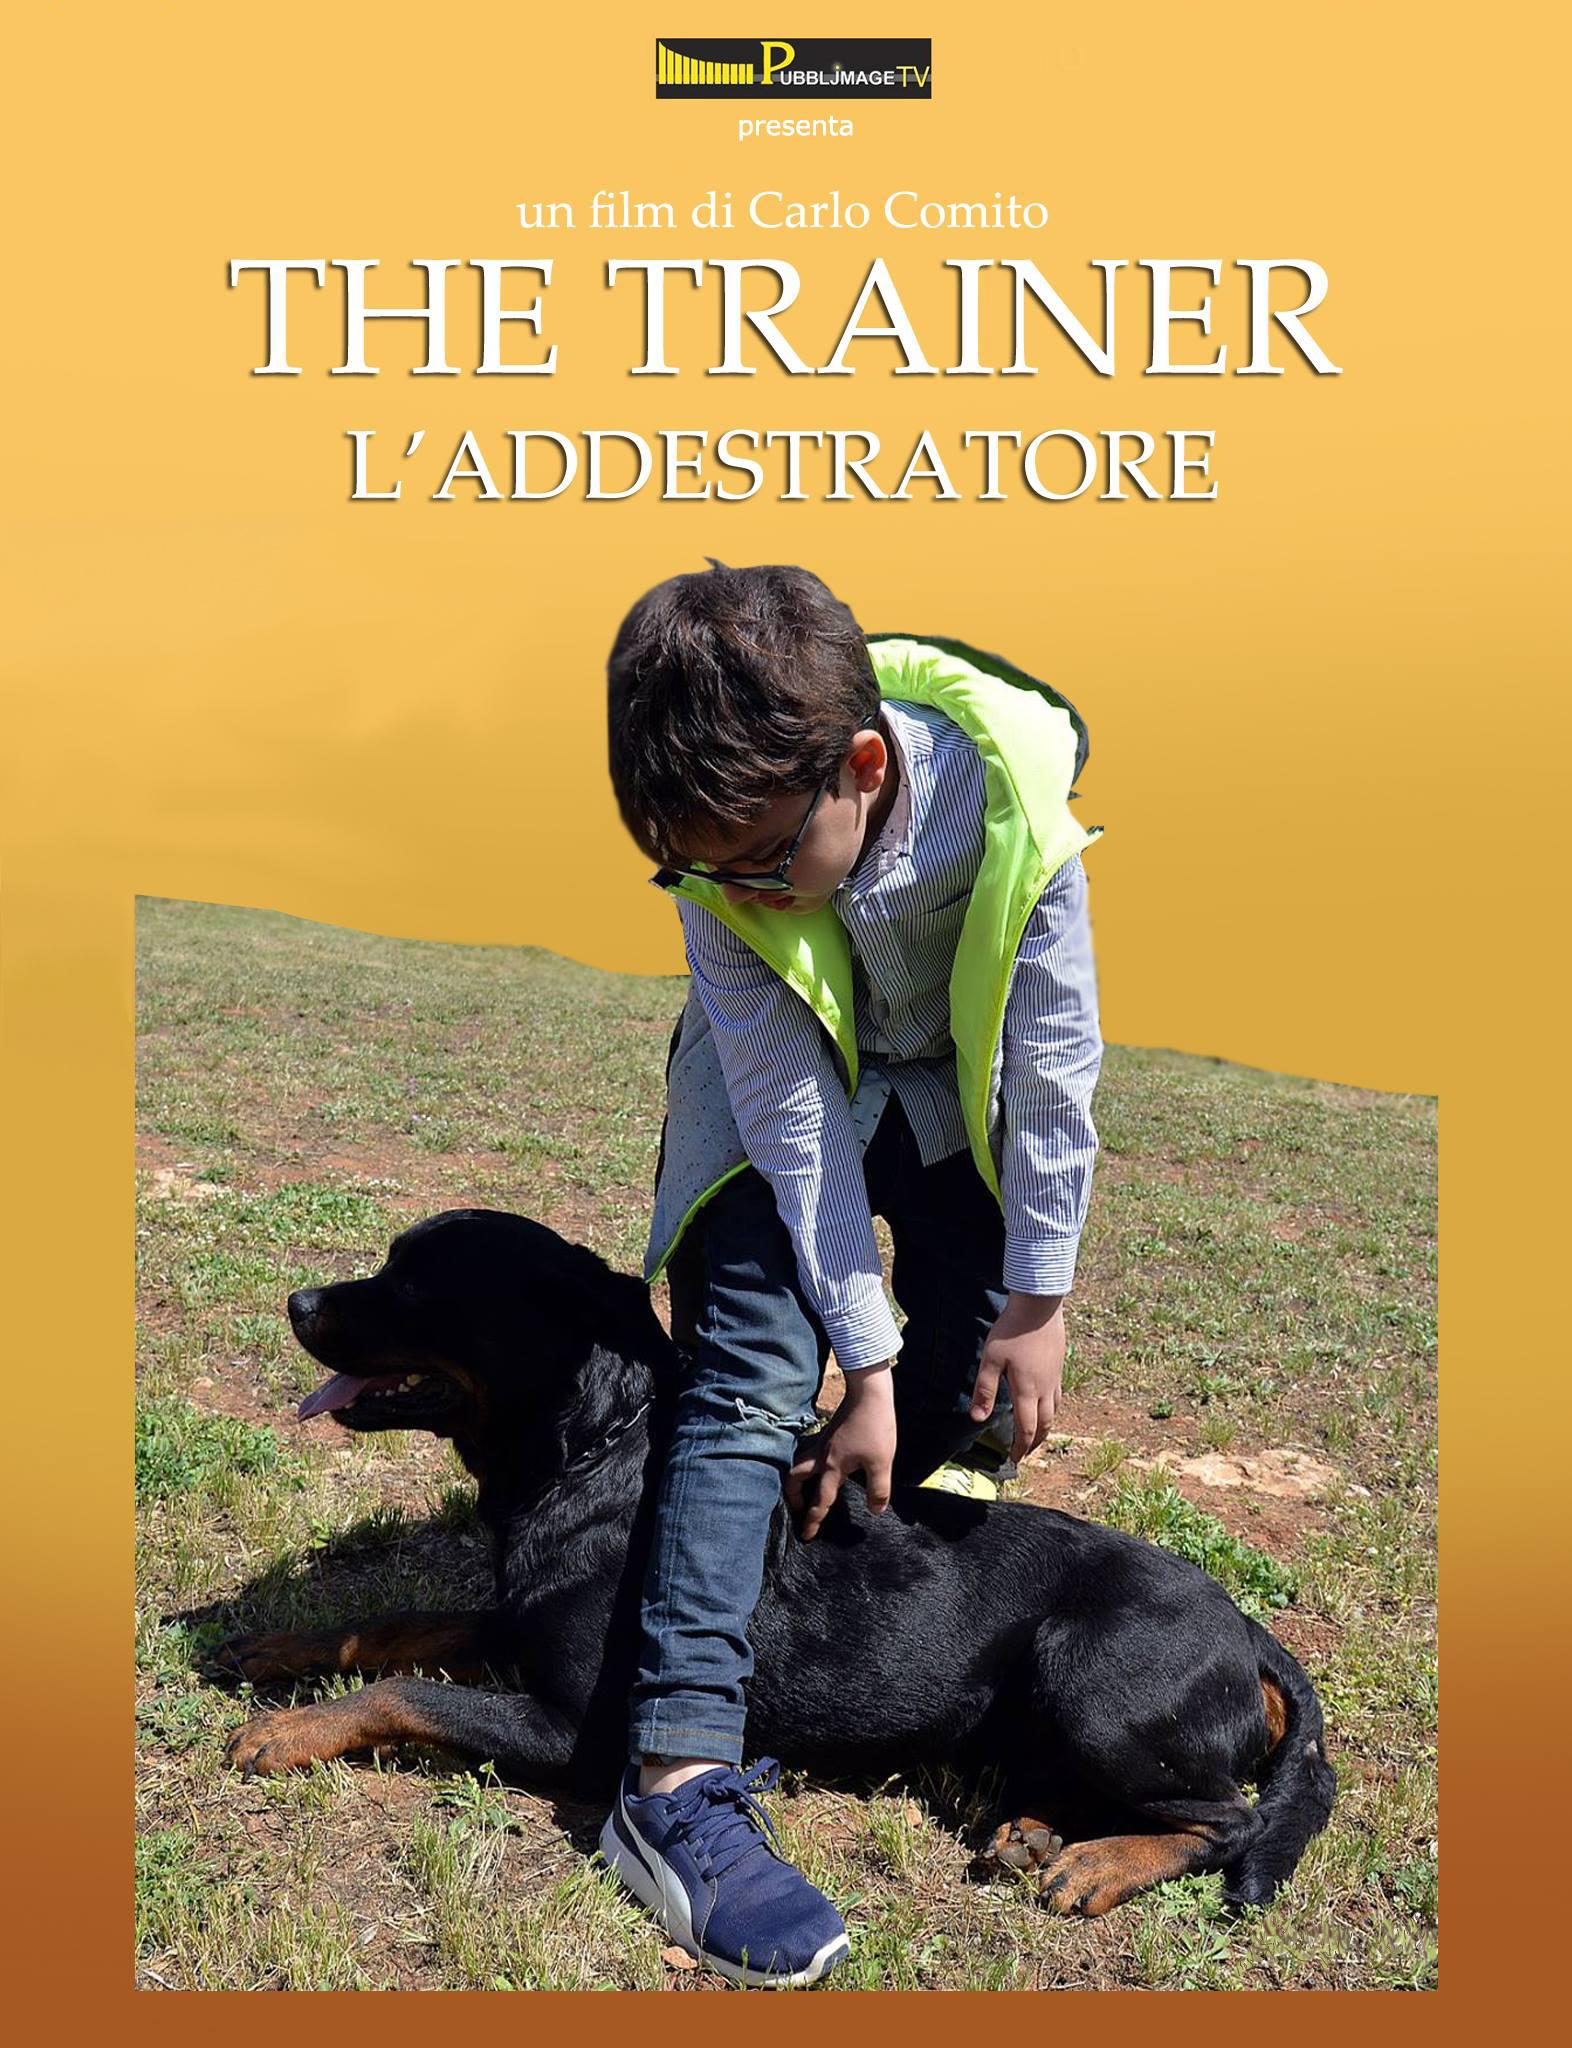 the-trainer-manifesto4324622_10209778230233666_2179813061515820473_o-copia